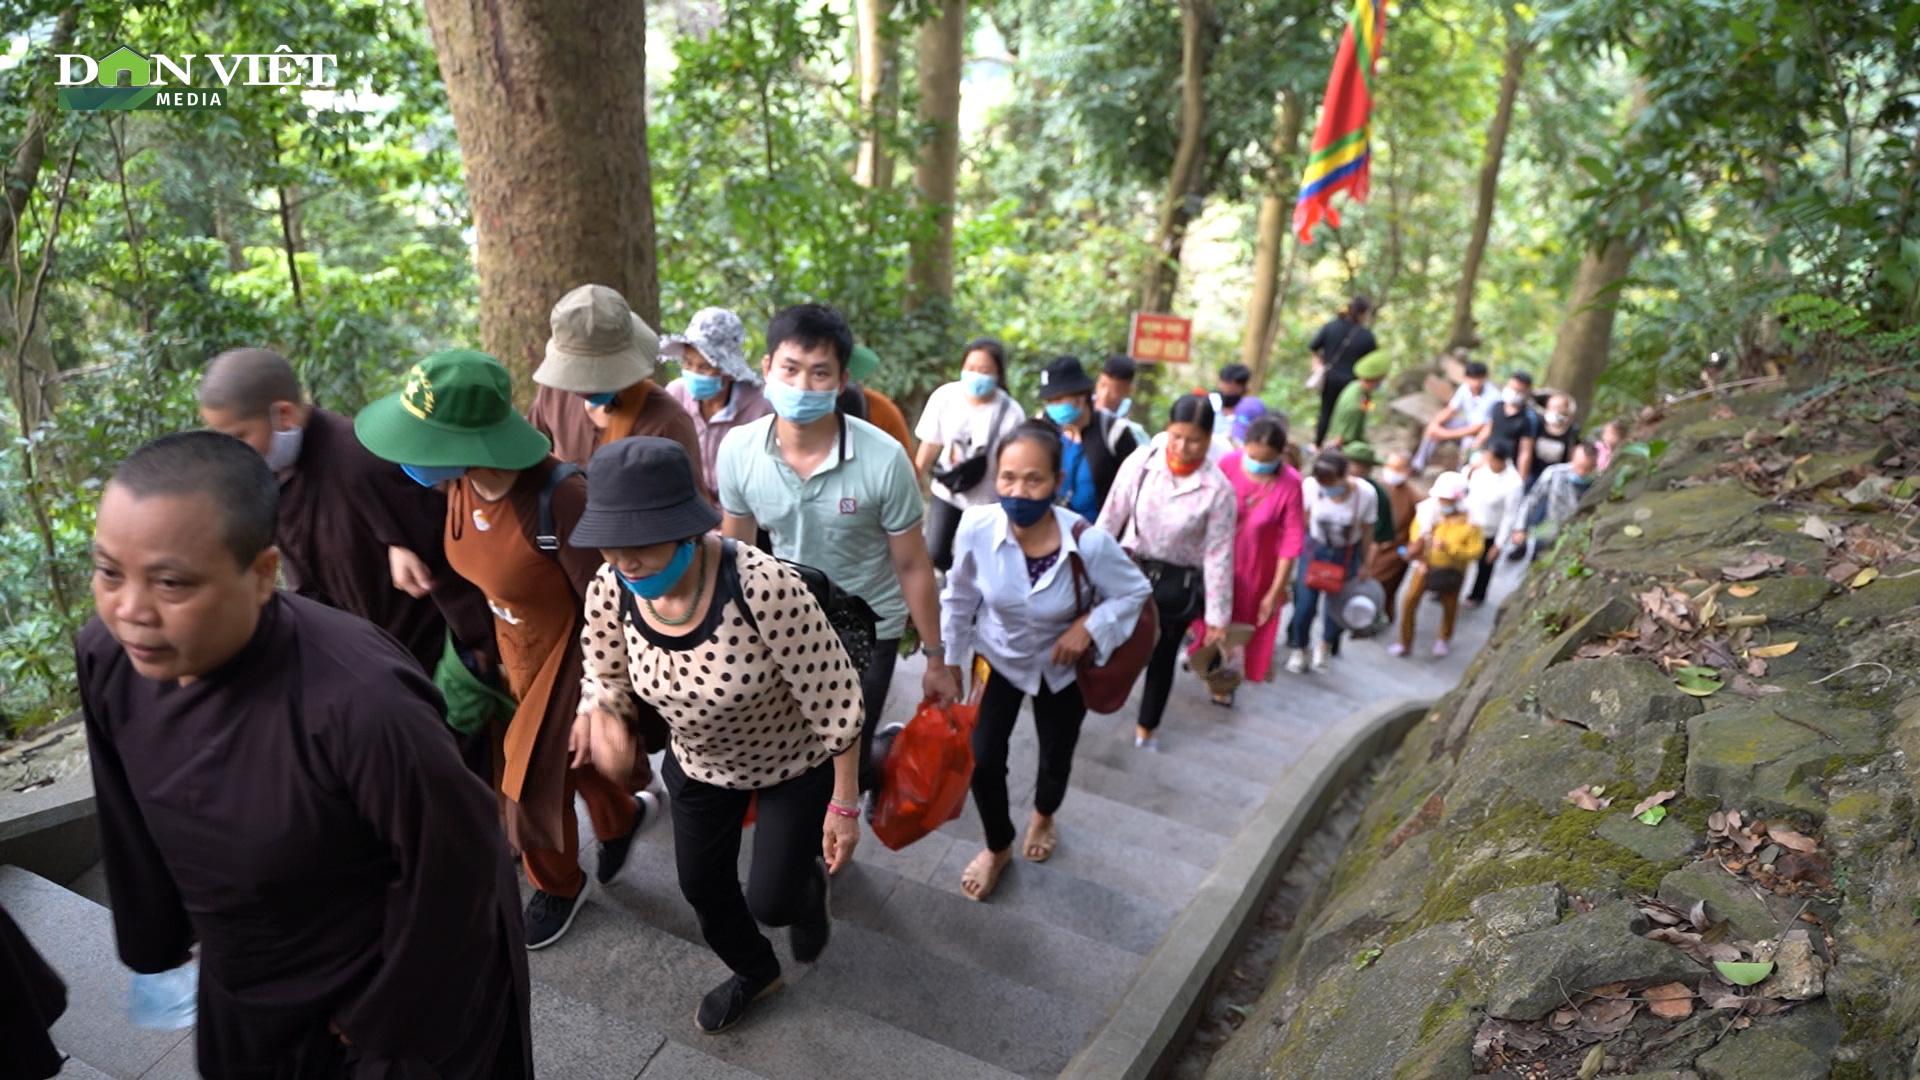 Video: Hàng vạn người chen chúc dâng lễ tại đền Hùng ngày chính hội  - Ảnh 5.